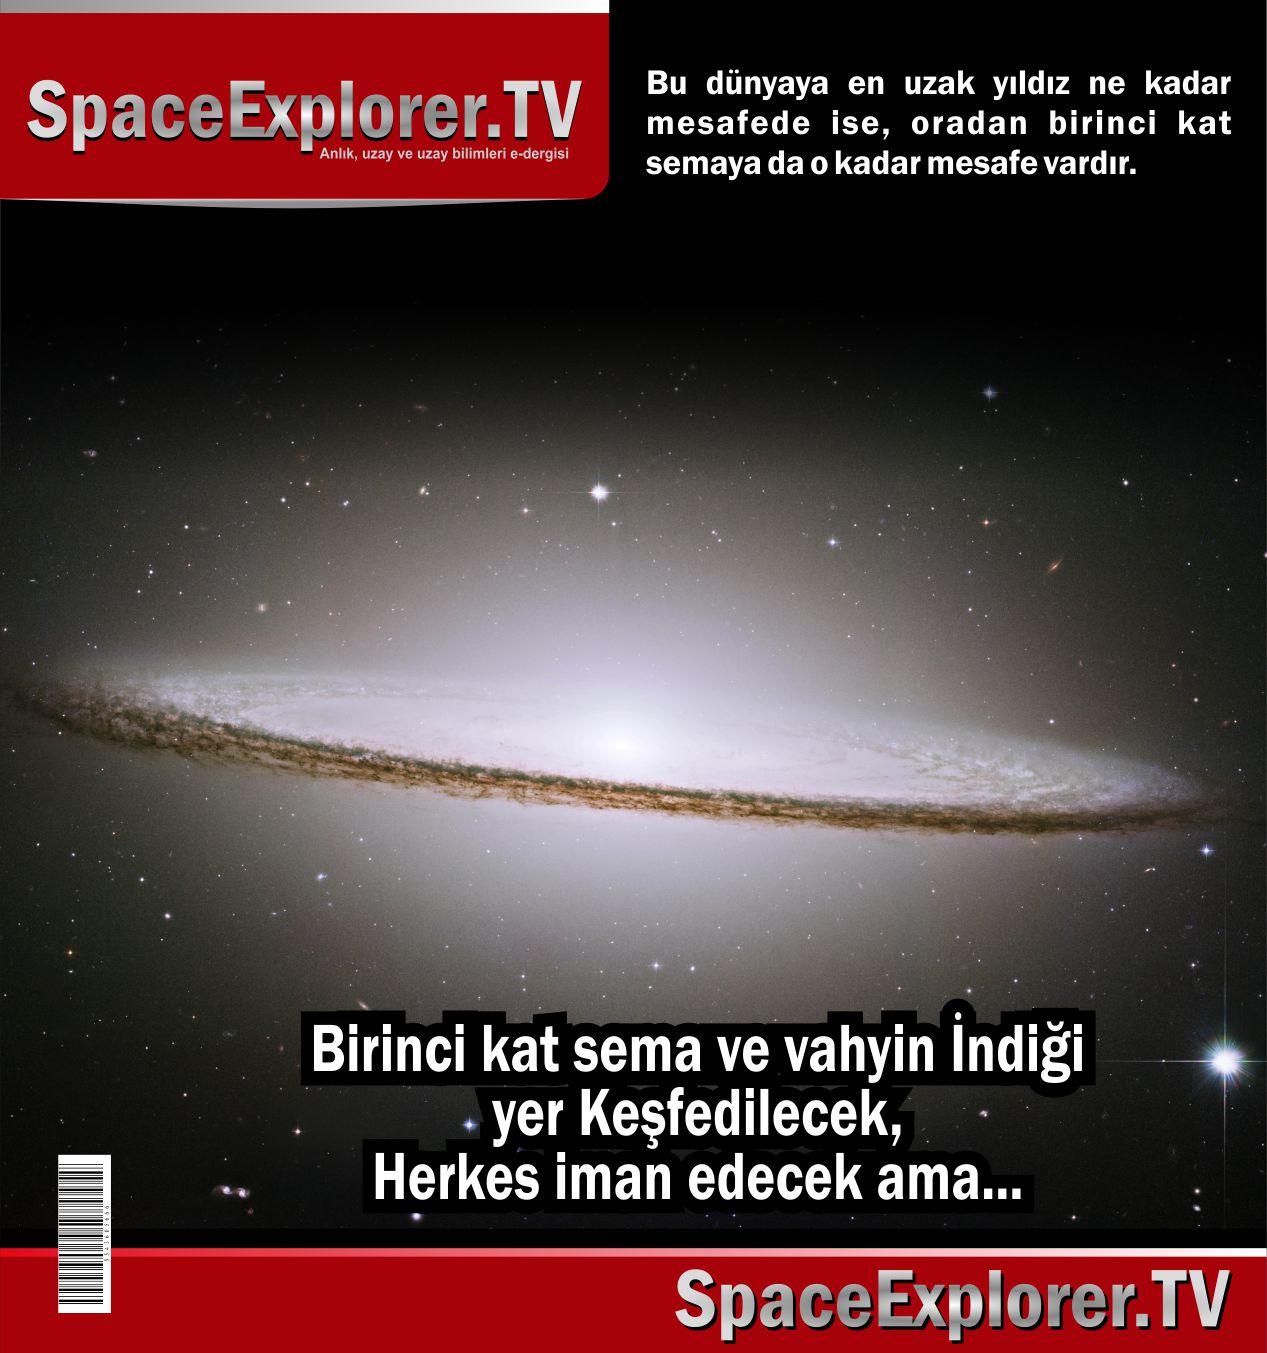 Süleyman Hilmi Tunahan, Birinci kat sema, Sema, Sema katları, Yedi kat sema, Videolar, Dünyanın en büyük teleskobu, Teleskoplar,